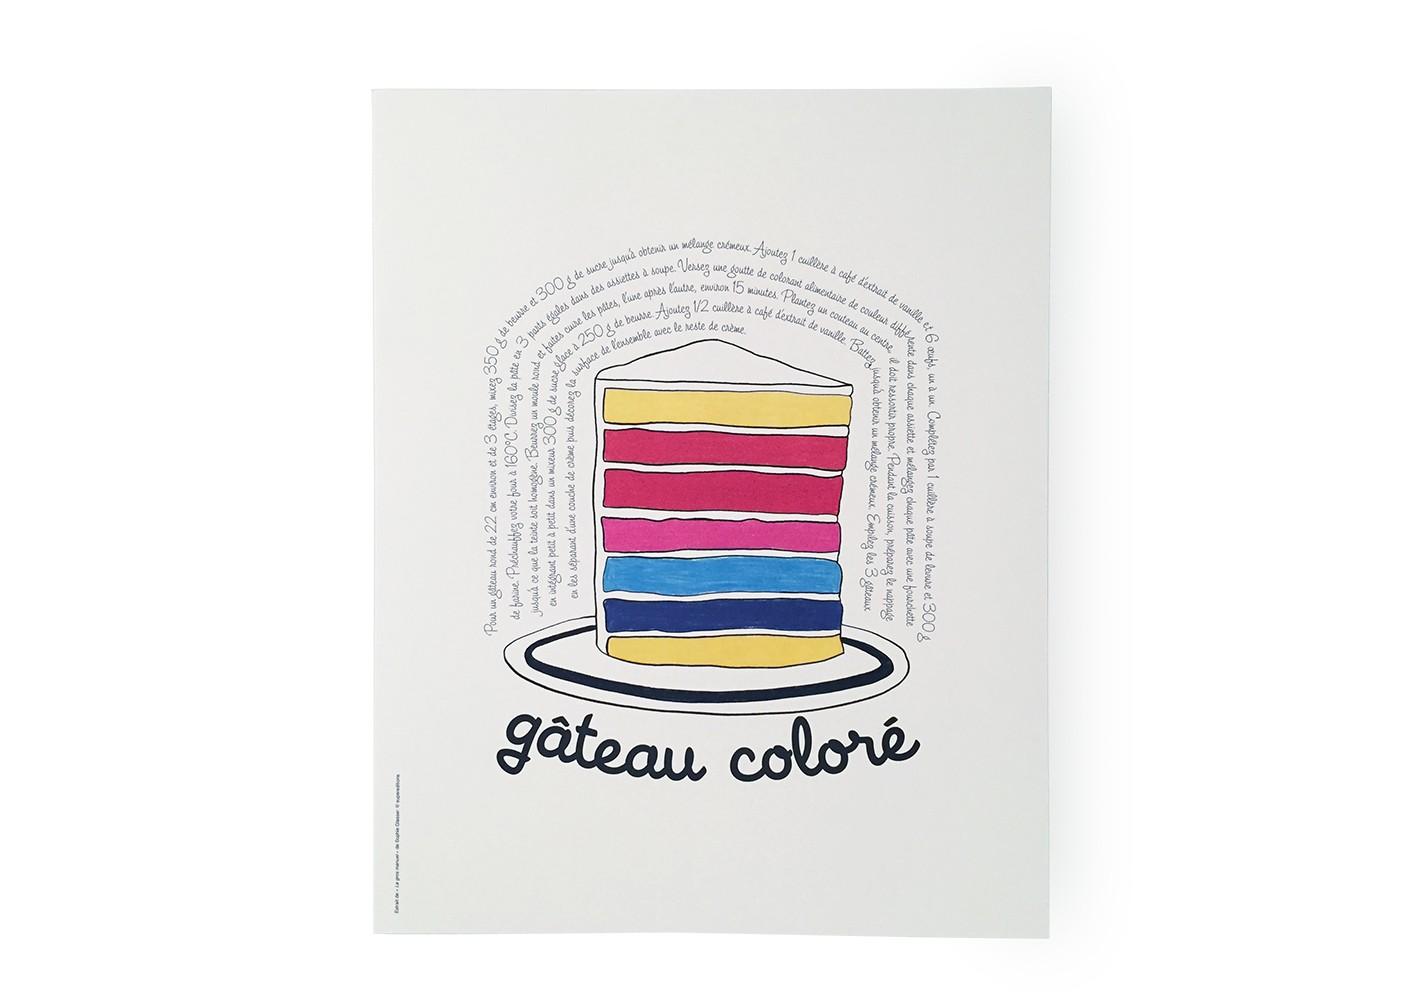 Poster Gateau coloré - SUPEREDITIONS